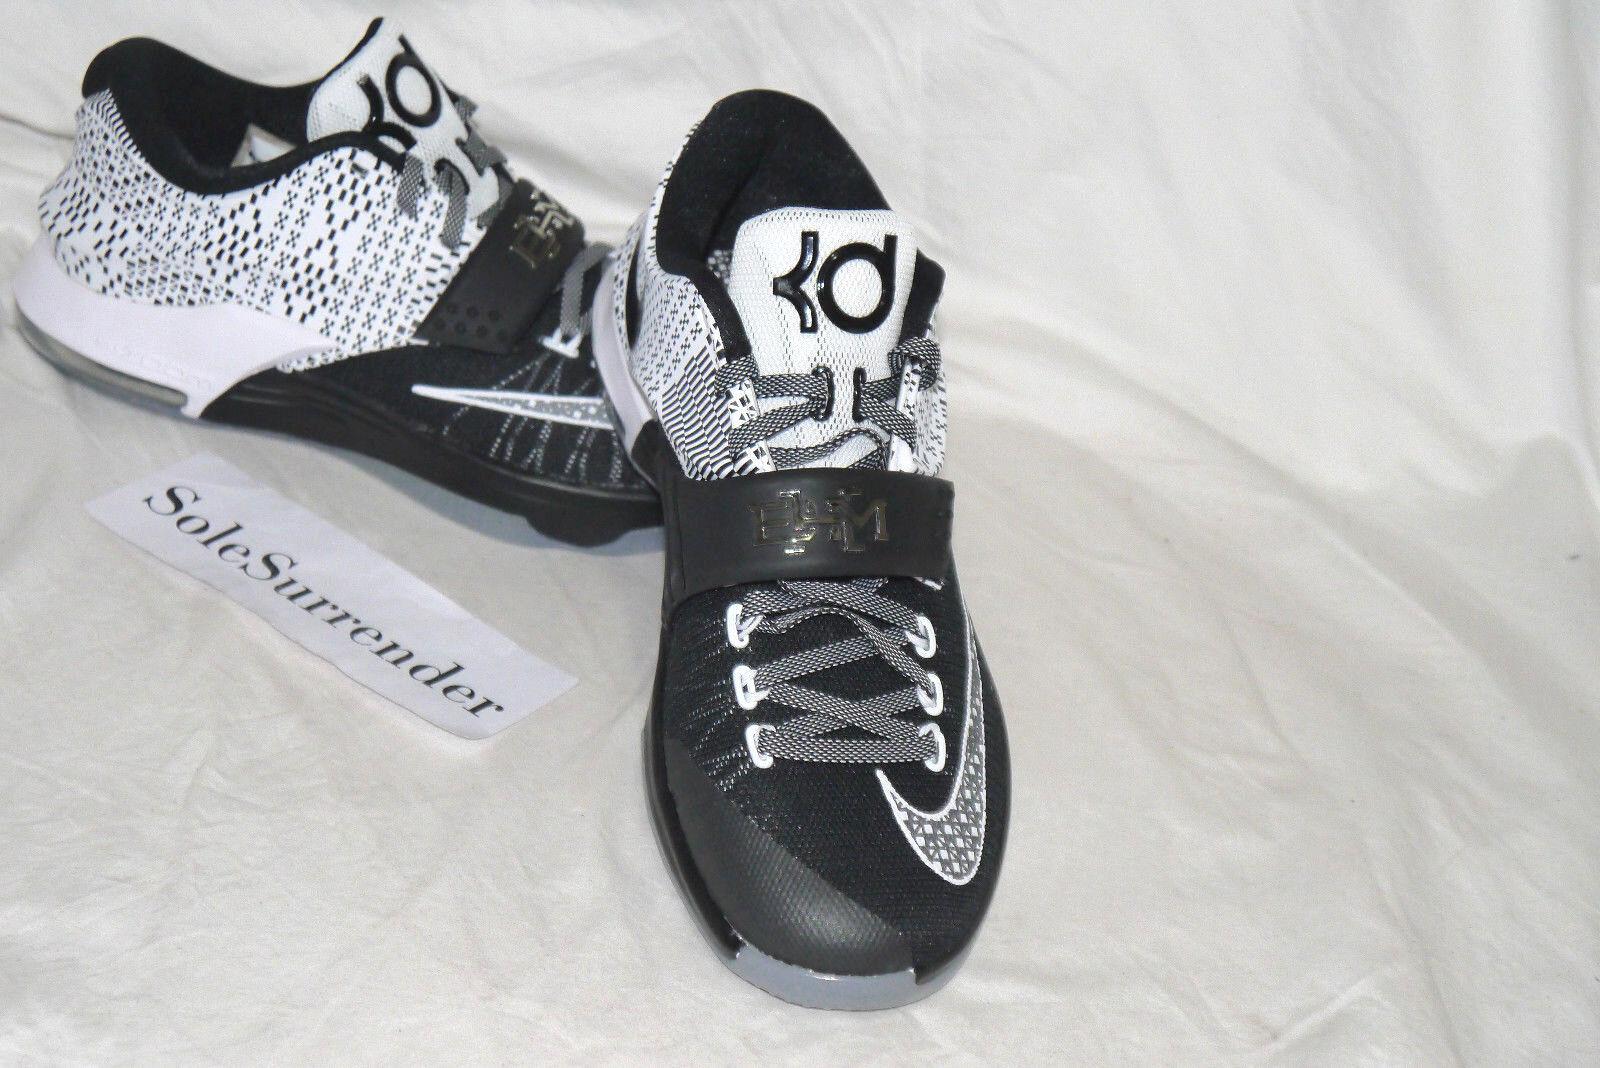 Nike kd vii bhm - größe 8 - - neu - - 718817-010 schwarz history month weiß durant. 6d0526